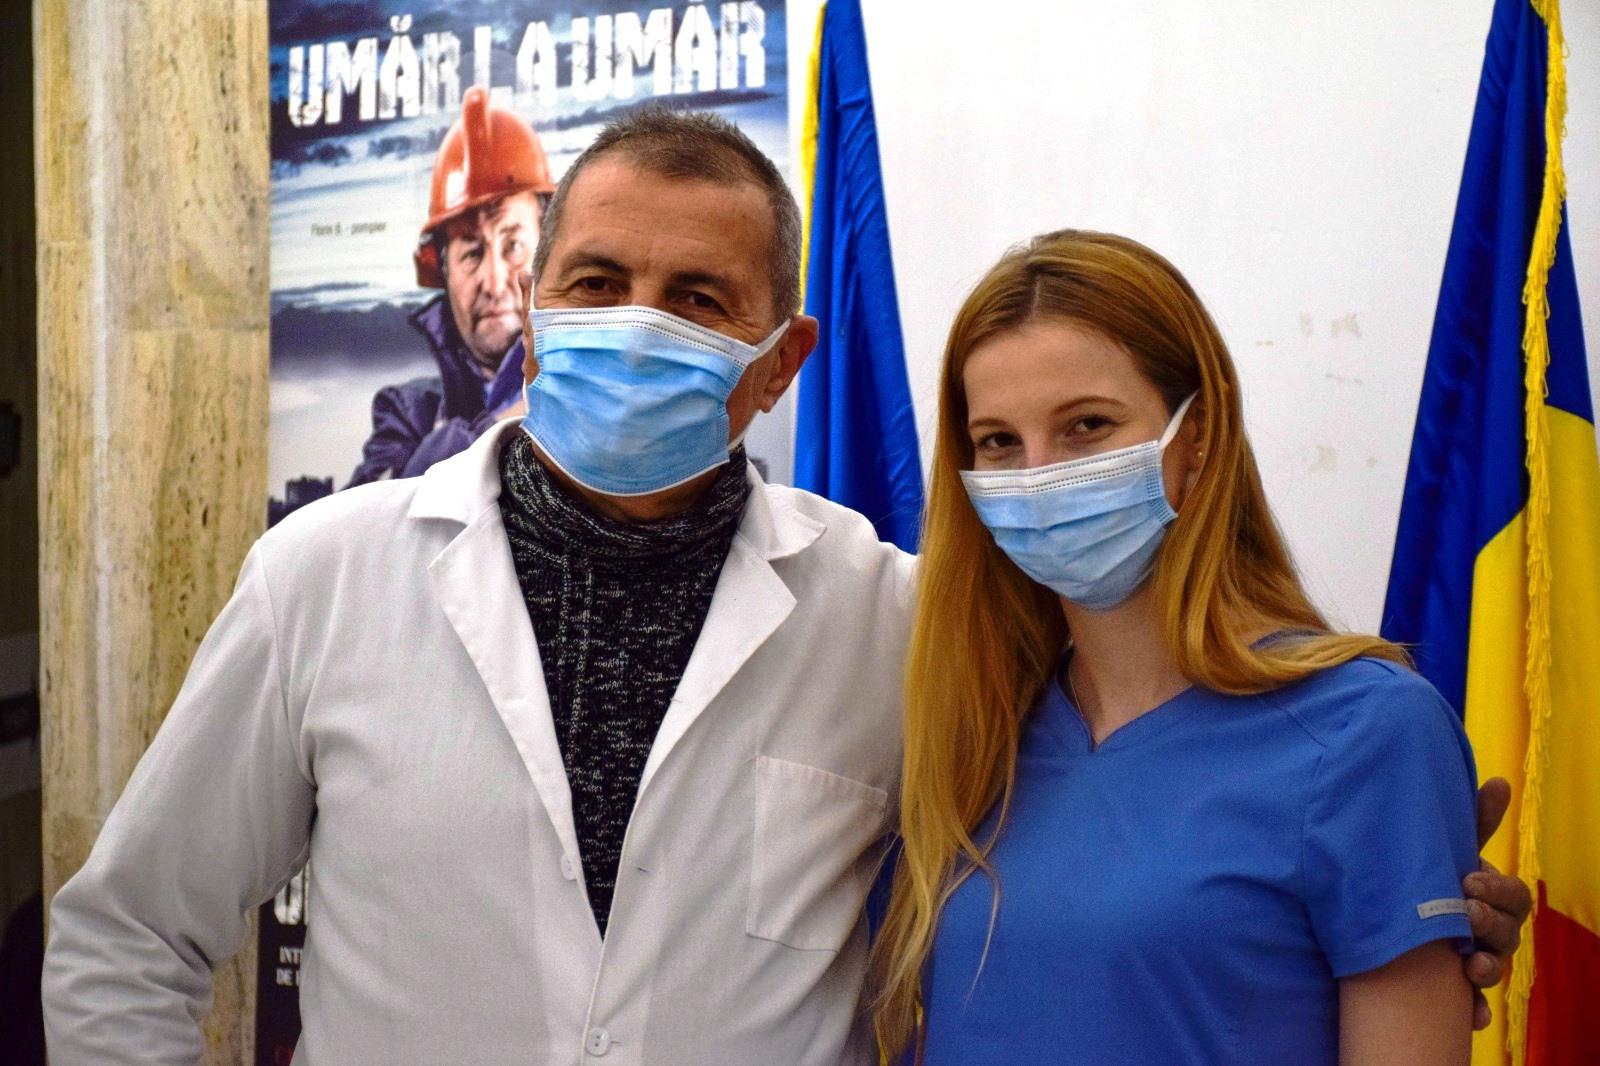 GALERIE FOTO. Tată şi fiică, umăr la umăr, vaccinează împotriva COVID-19 la un centru din Capitală